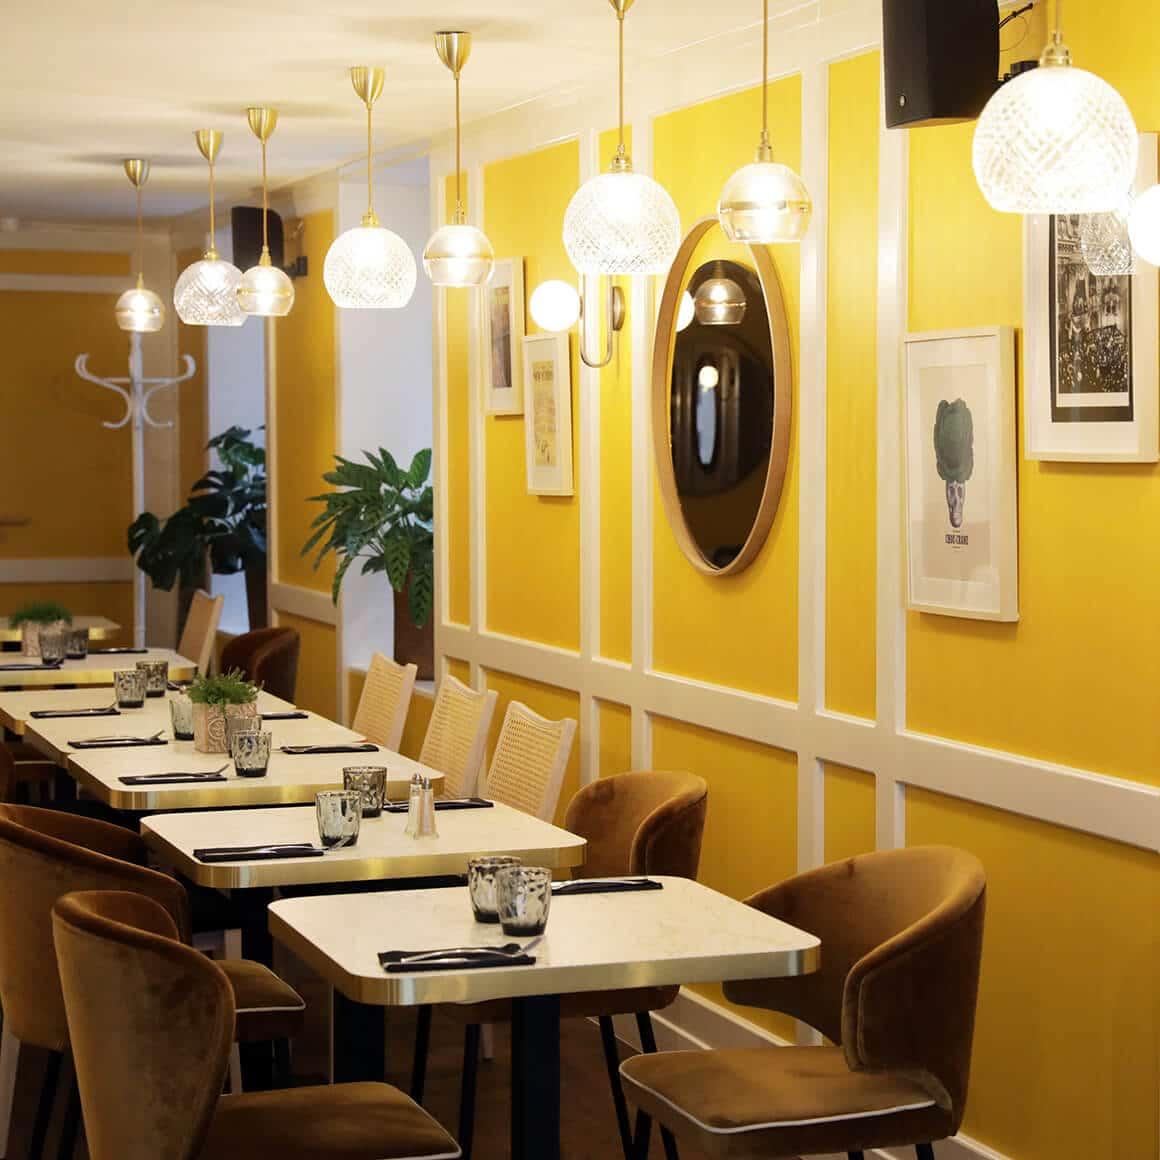 Ambiance salle de restaurant - granville - decoration interieur - 05